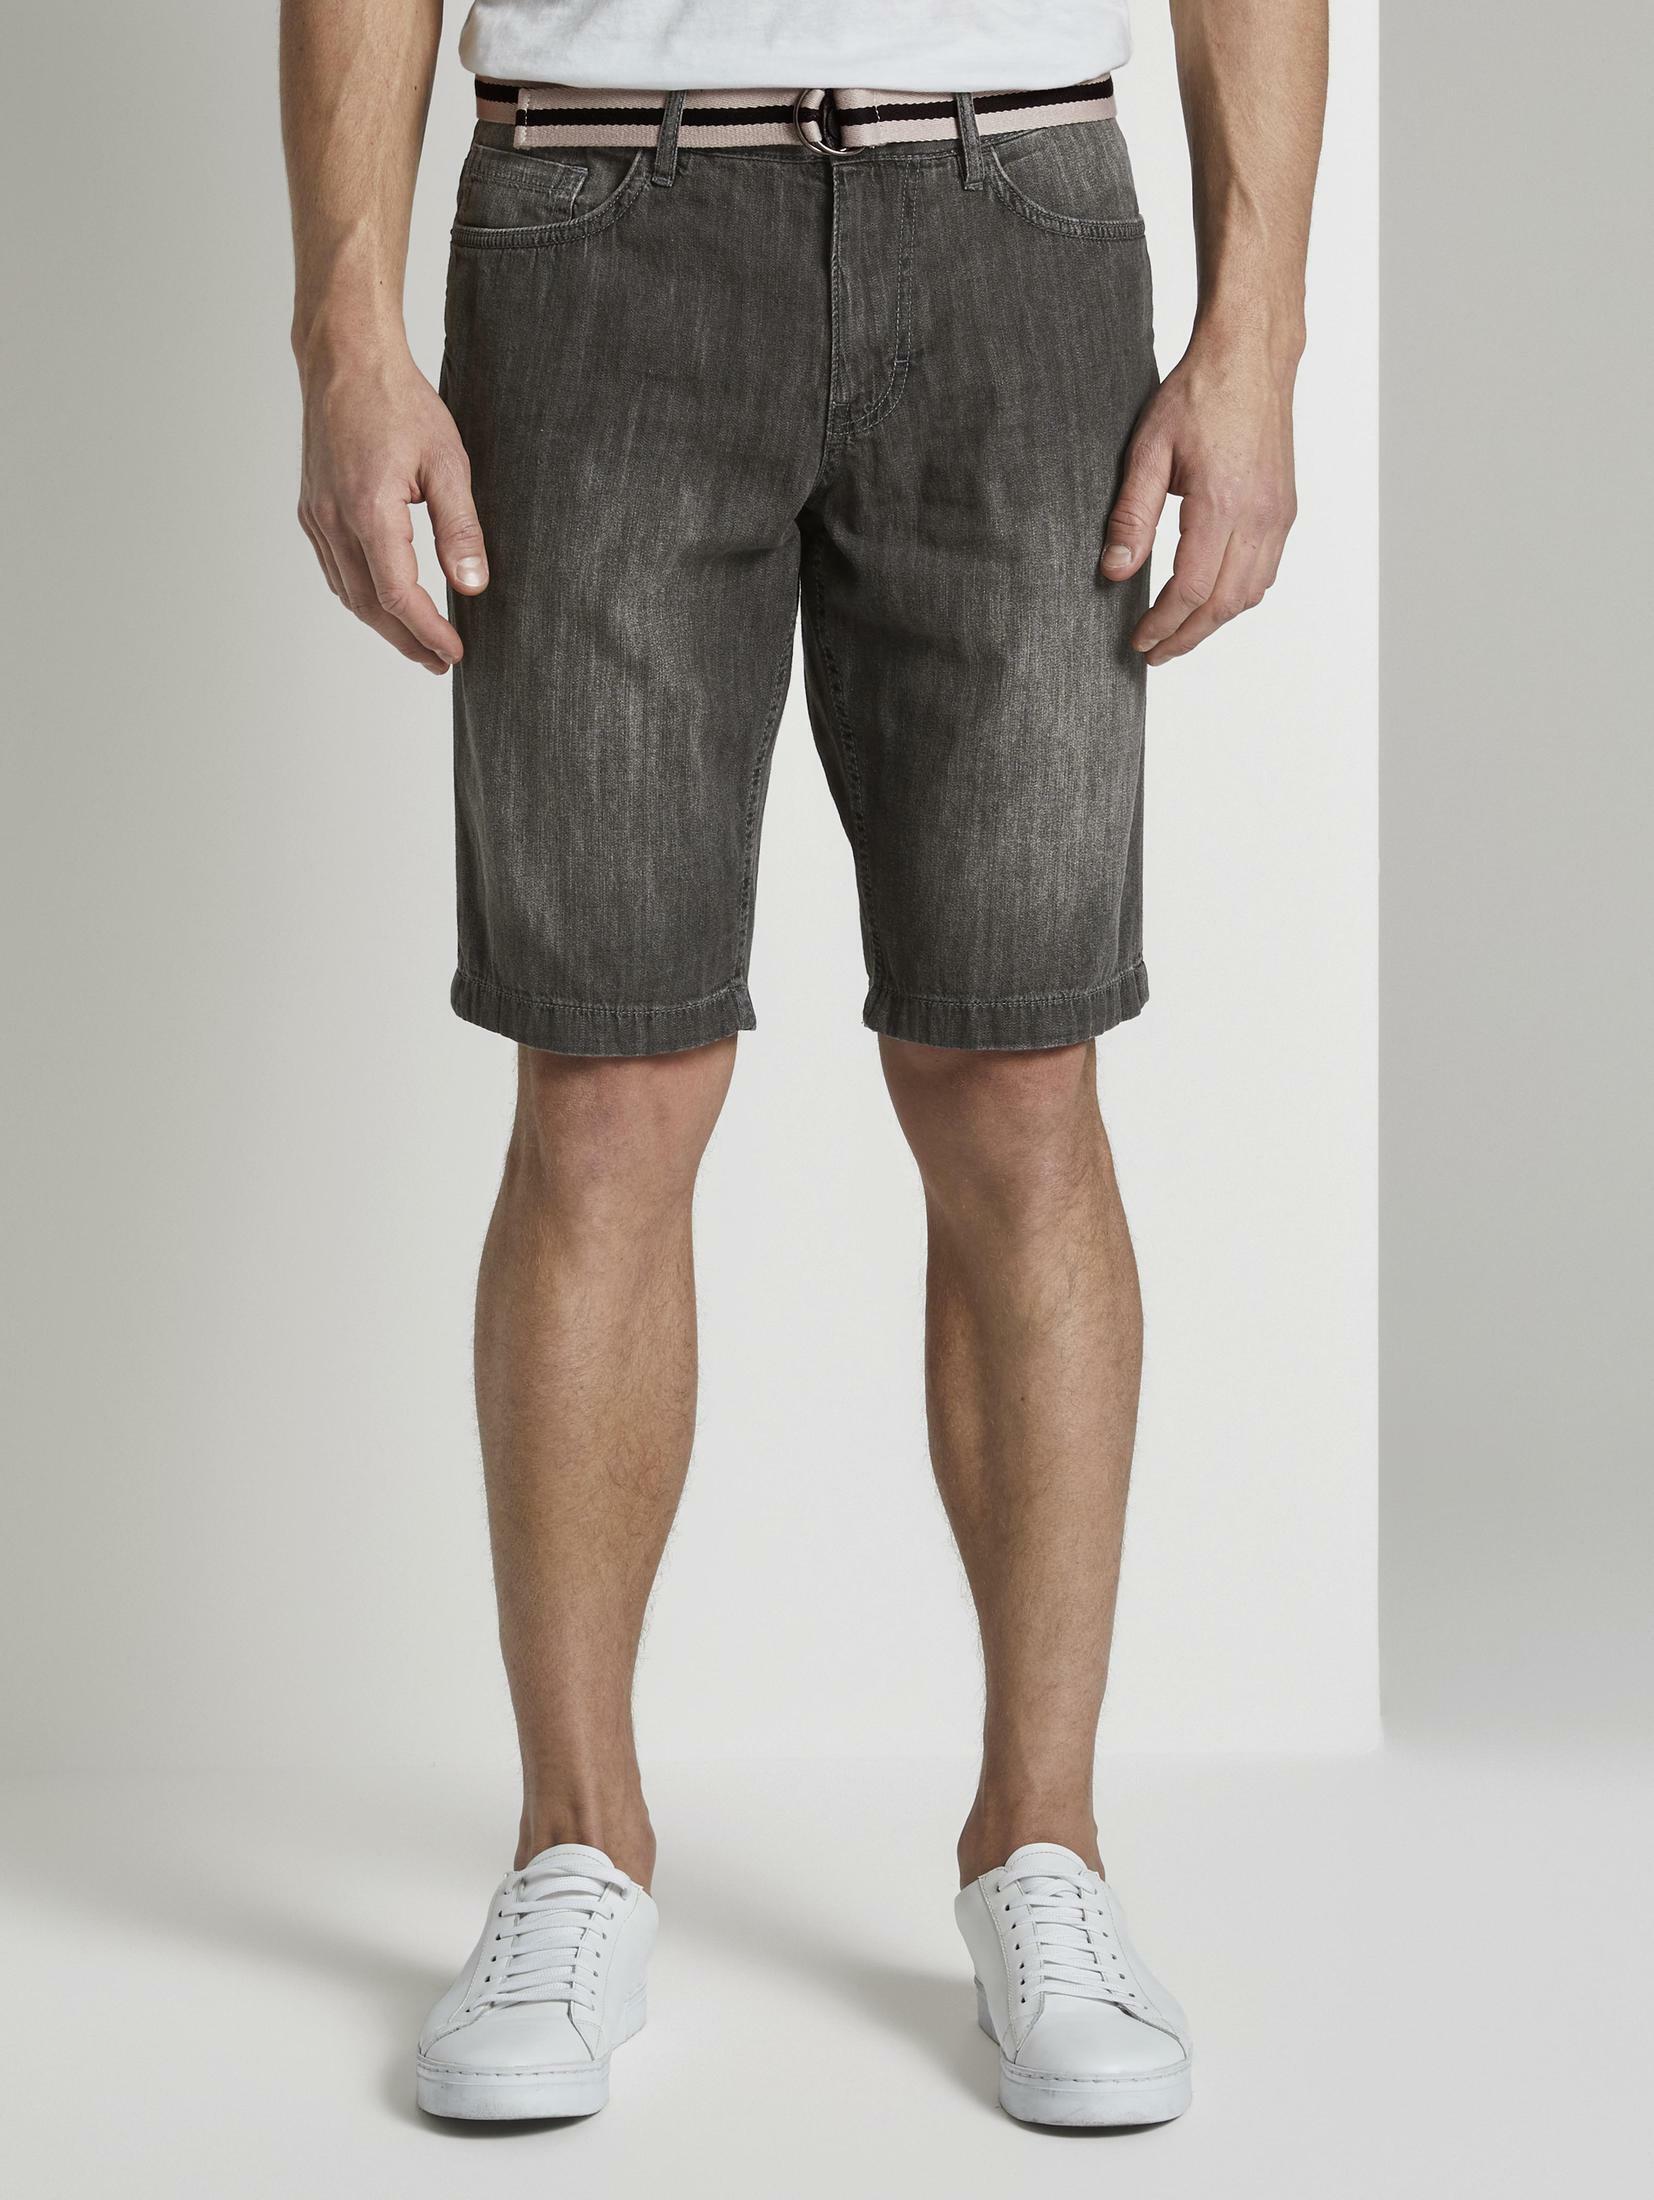 TOM TAILOR Loose-fit-Jeans Josh Regular Slim Jeans-Shorts mit Gürtel | Bekleidung > Jeans > Loose Fit Jeans | Tom Tailor